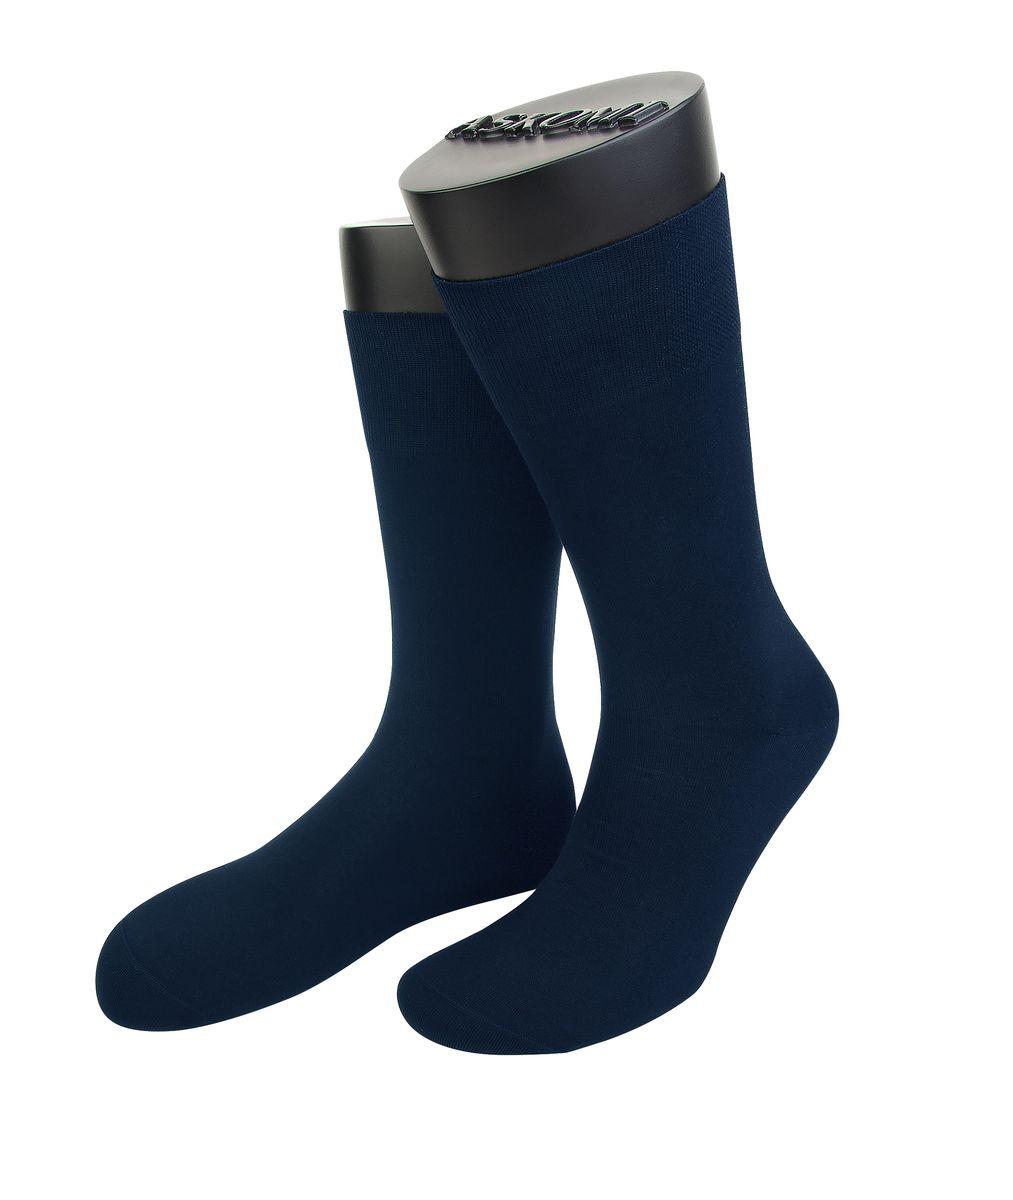 НоскиАМ-7900_8101Мужские носки Askomi Classic для повседневной носки выполнены из хлопка Pima с добавлением полиамида. Хлопок Pima (перуанский) выращен в специальных климатических условиях. Его отличает длинное тонкое волокно, он характеризуется высокой прочностью и шелковистью на ощупь. Носок и пятка укреплены, что значительно увеличивает износостойкость носков. Двойной борт для плотной фиксации не пережимает сосуды. Кеттельный шов не ощутим для ноги.